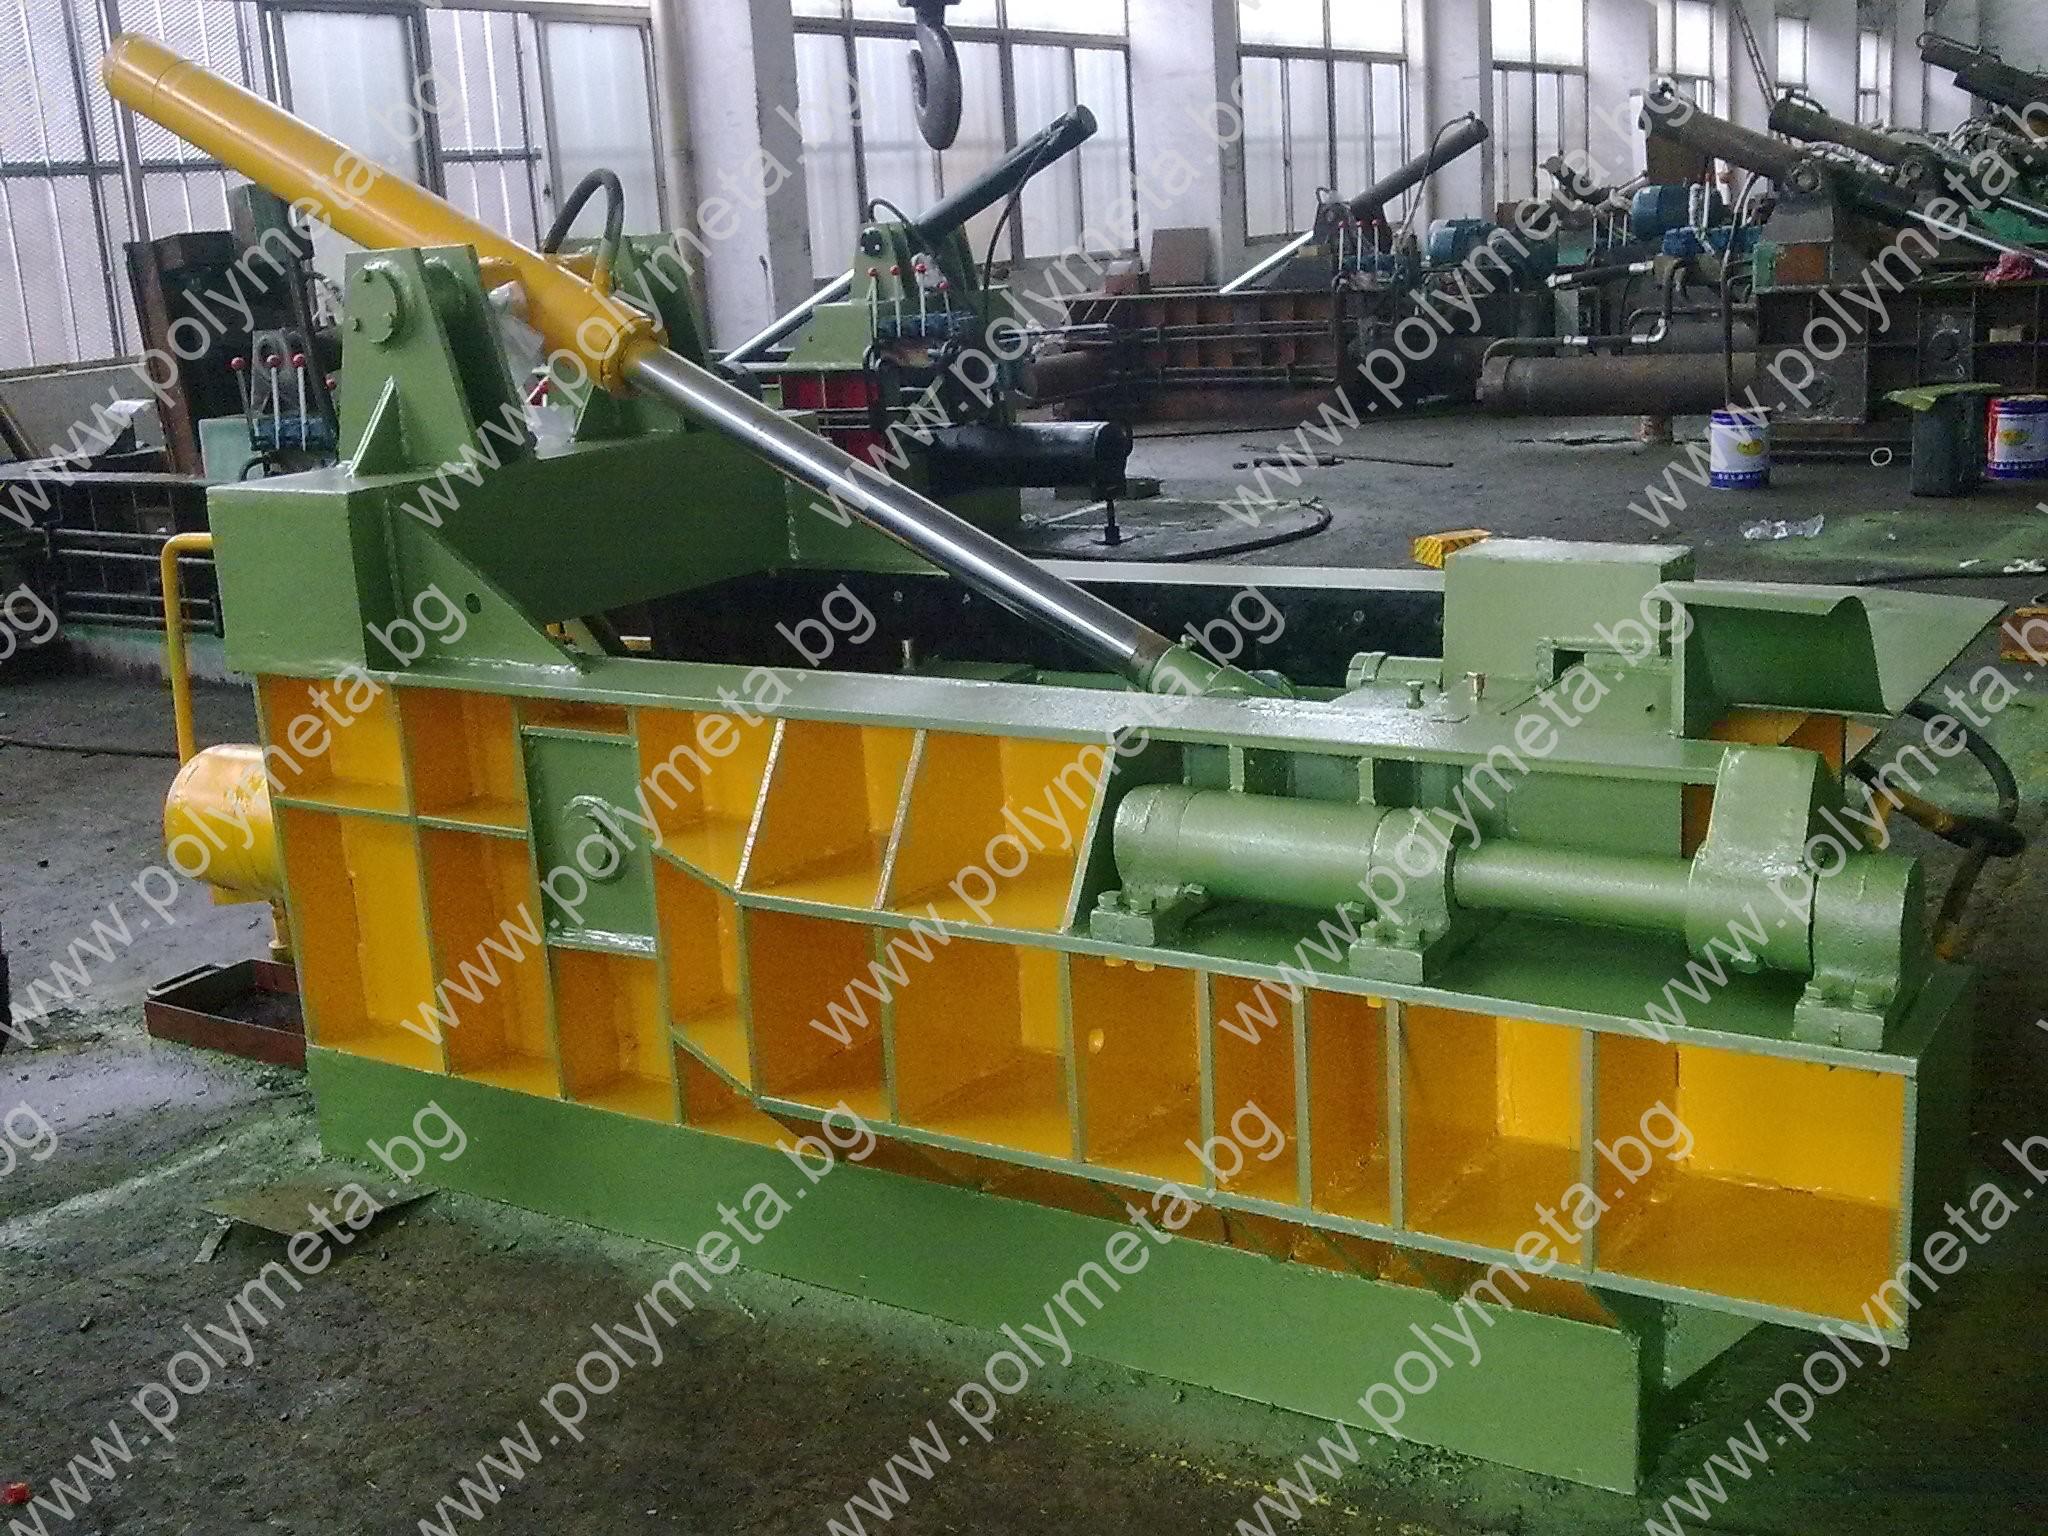 Хидравлична балираща преса за метални отпадъци Y81F-100